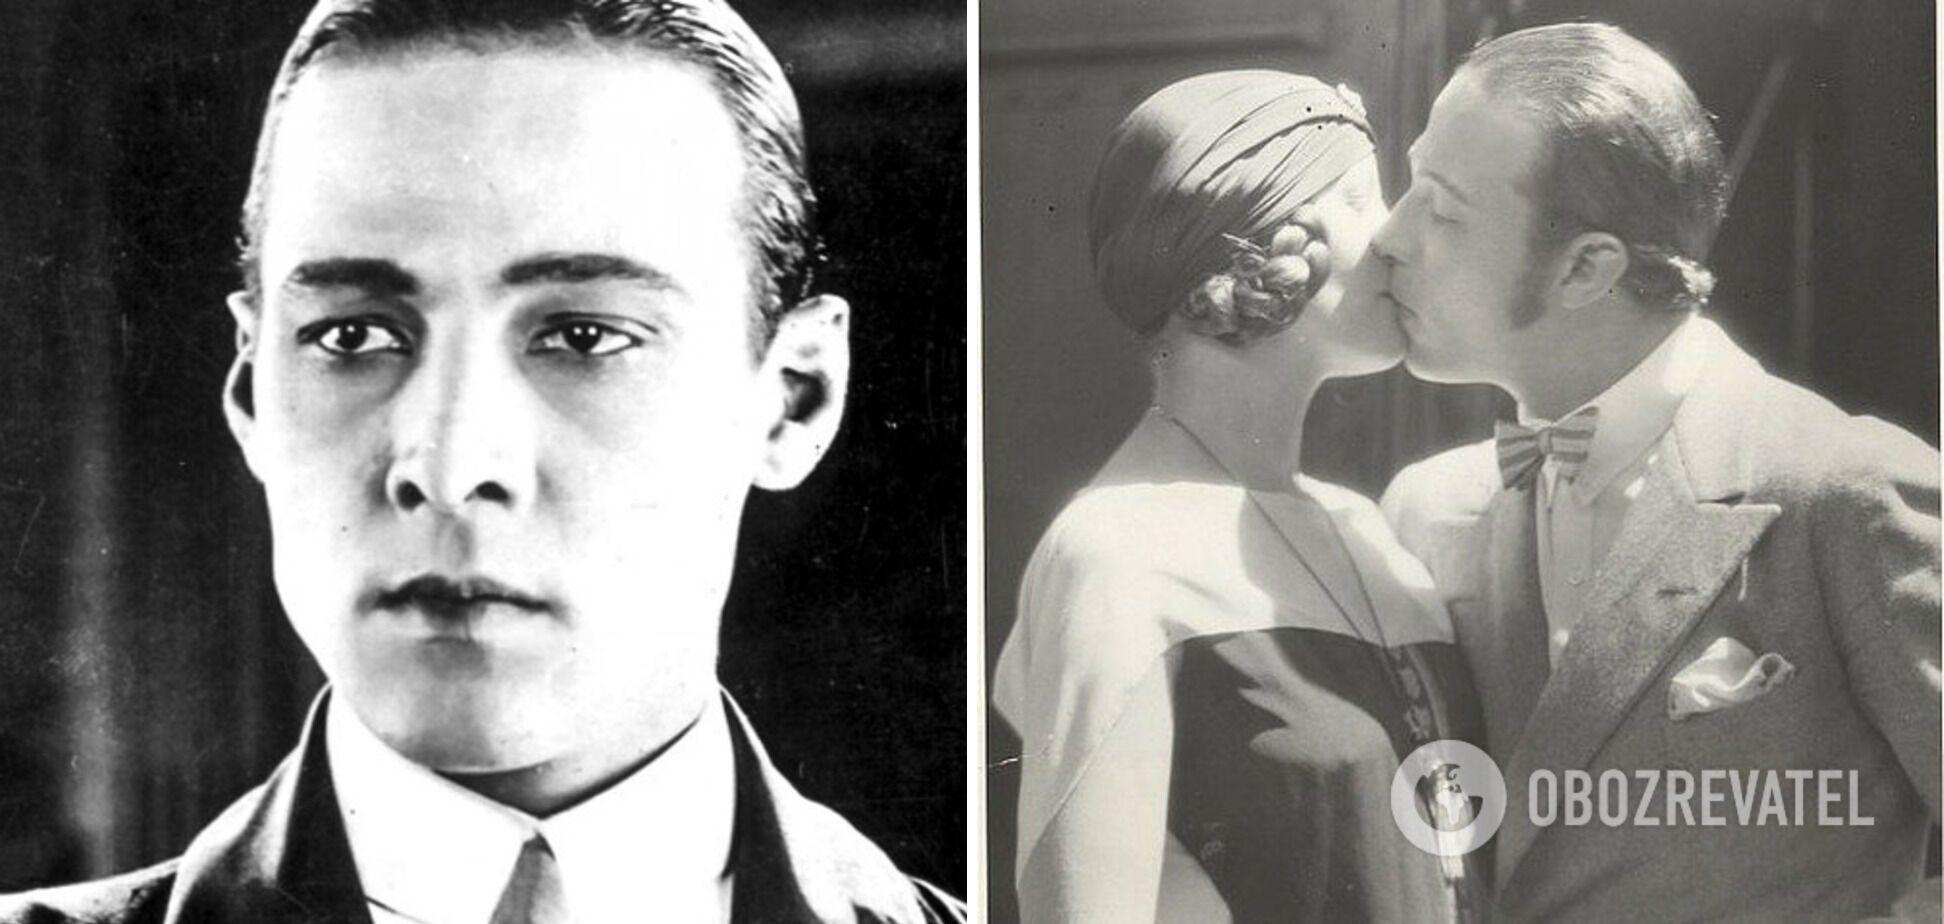 Рудольф Валентино и Наташа Рамбова поженились ради карьеры.